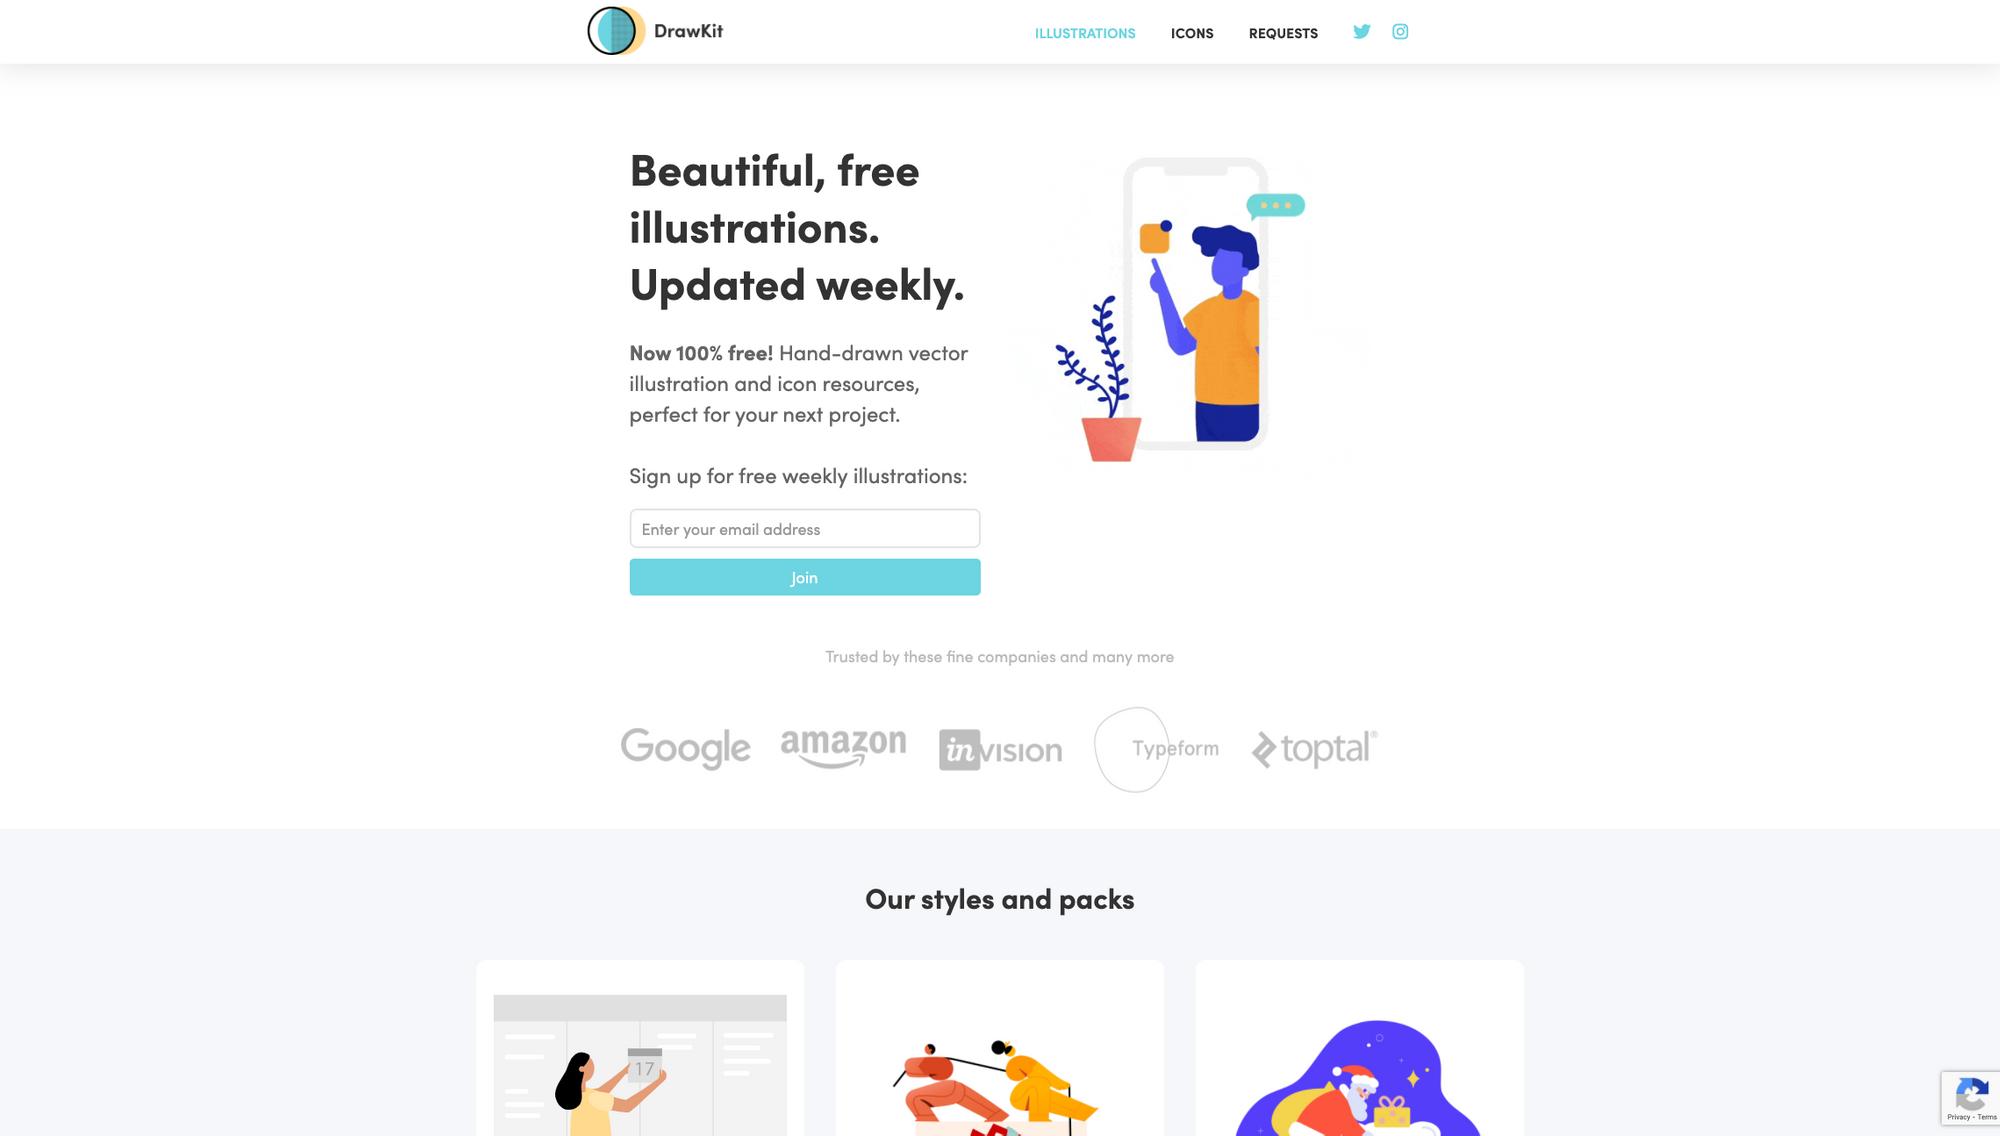 Drawkit website